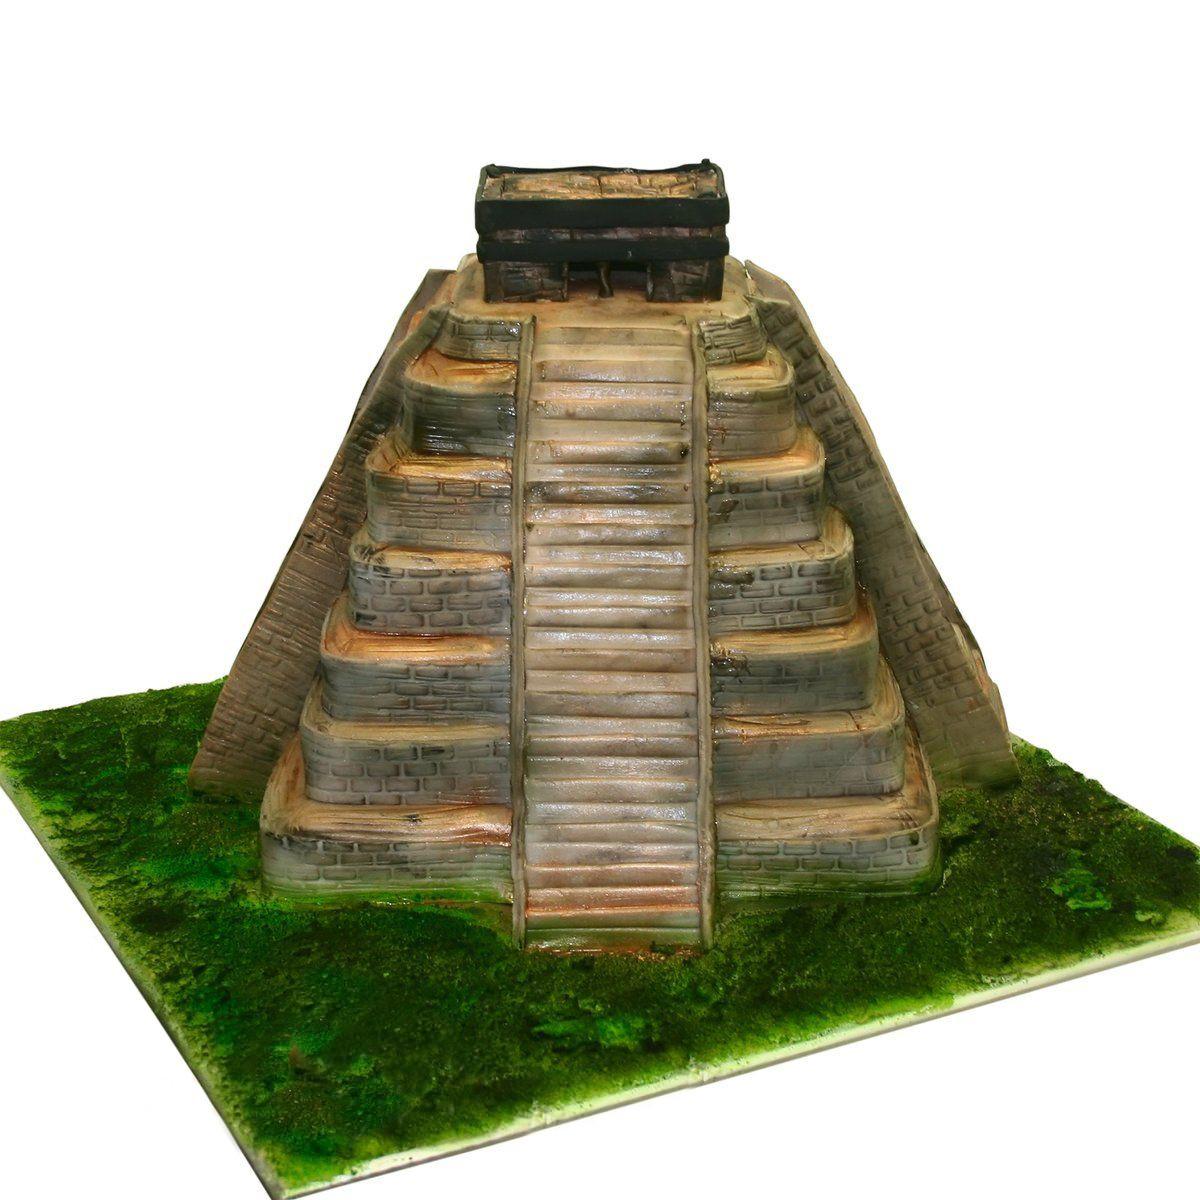 №1502 Торт пирамида